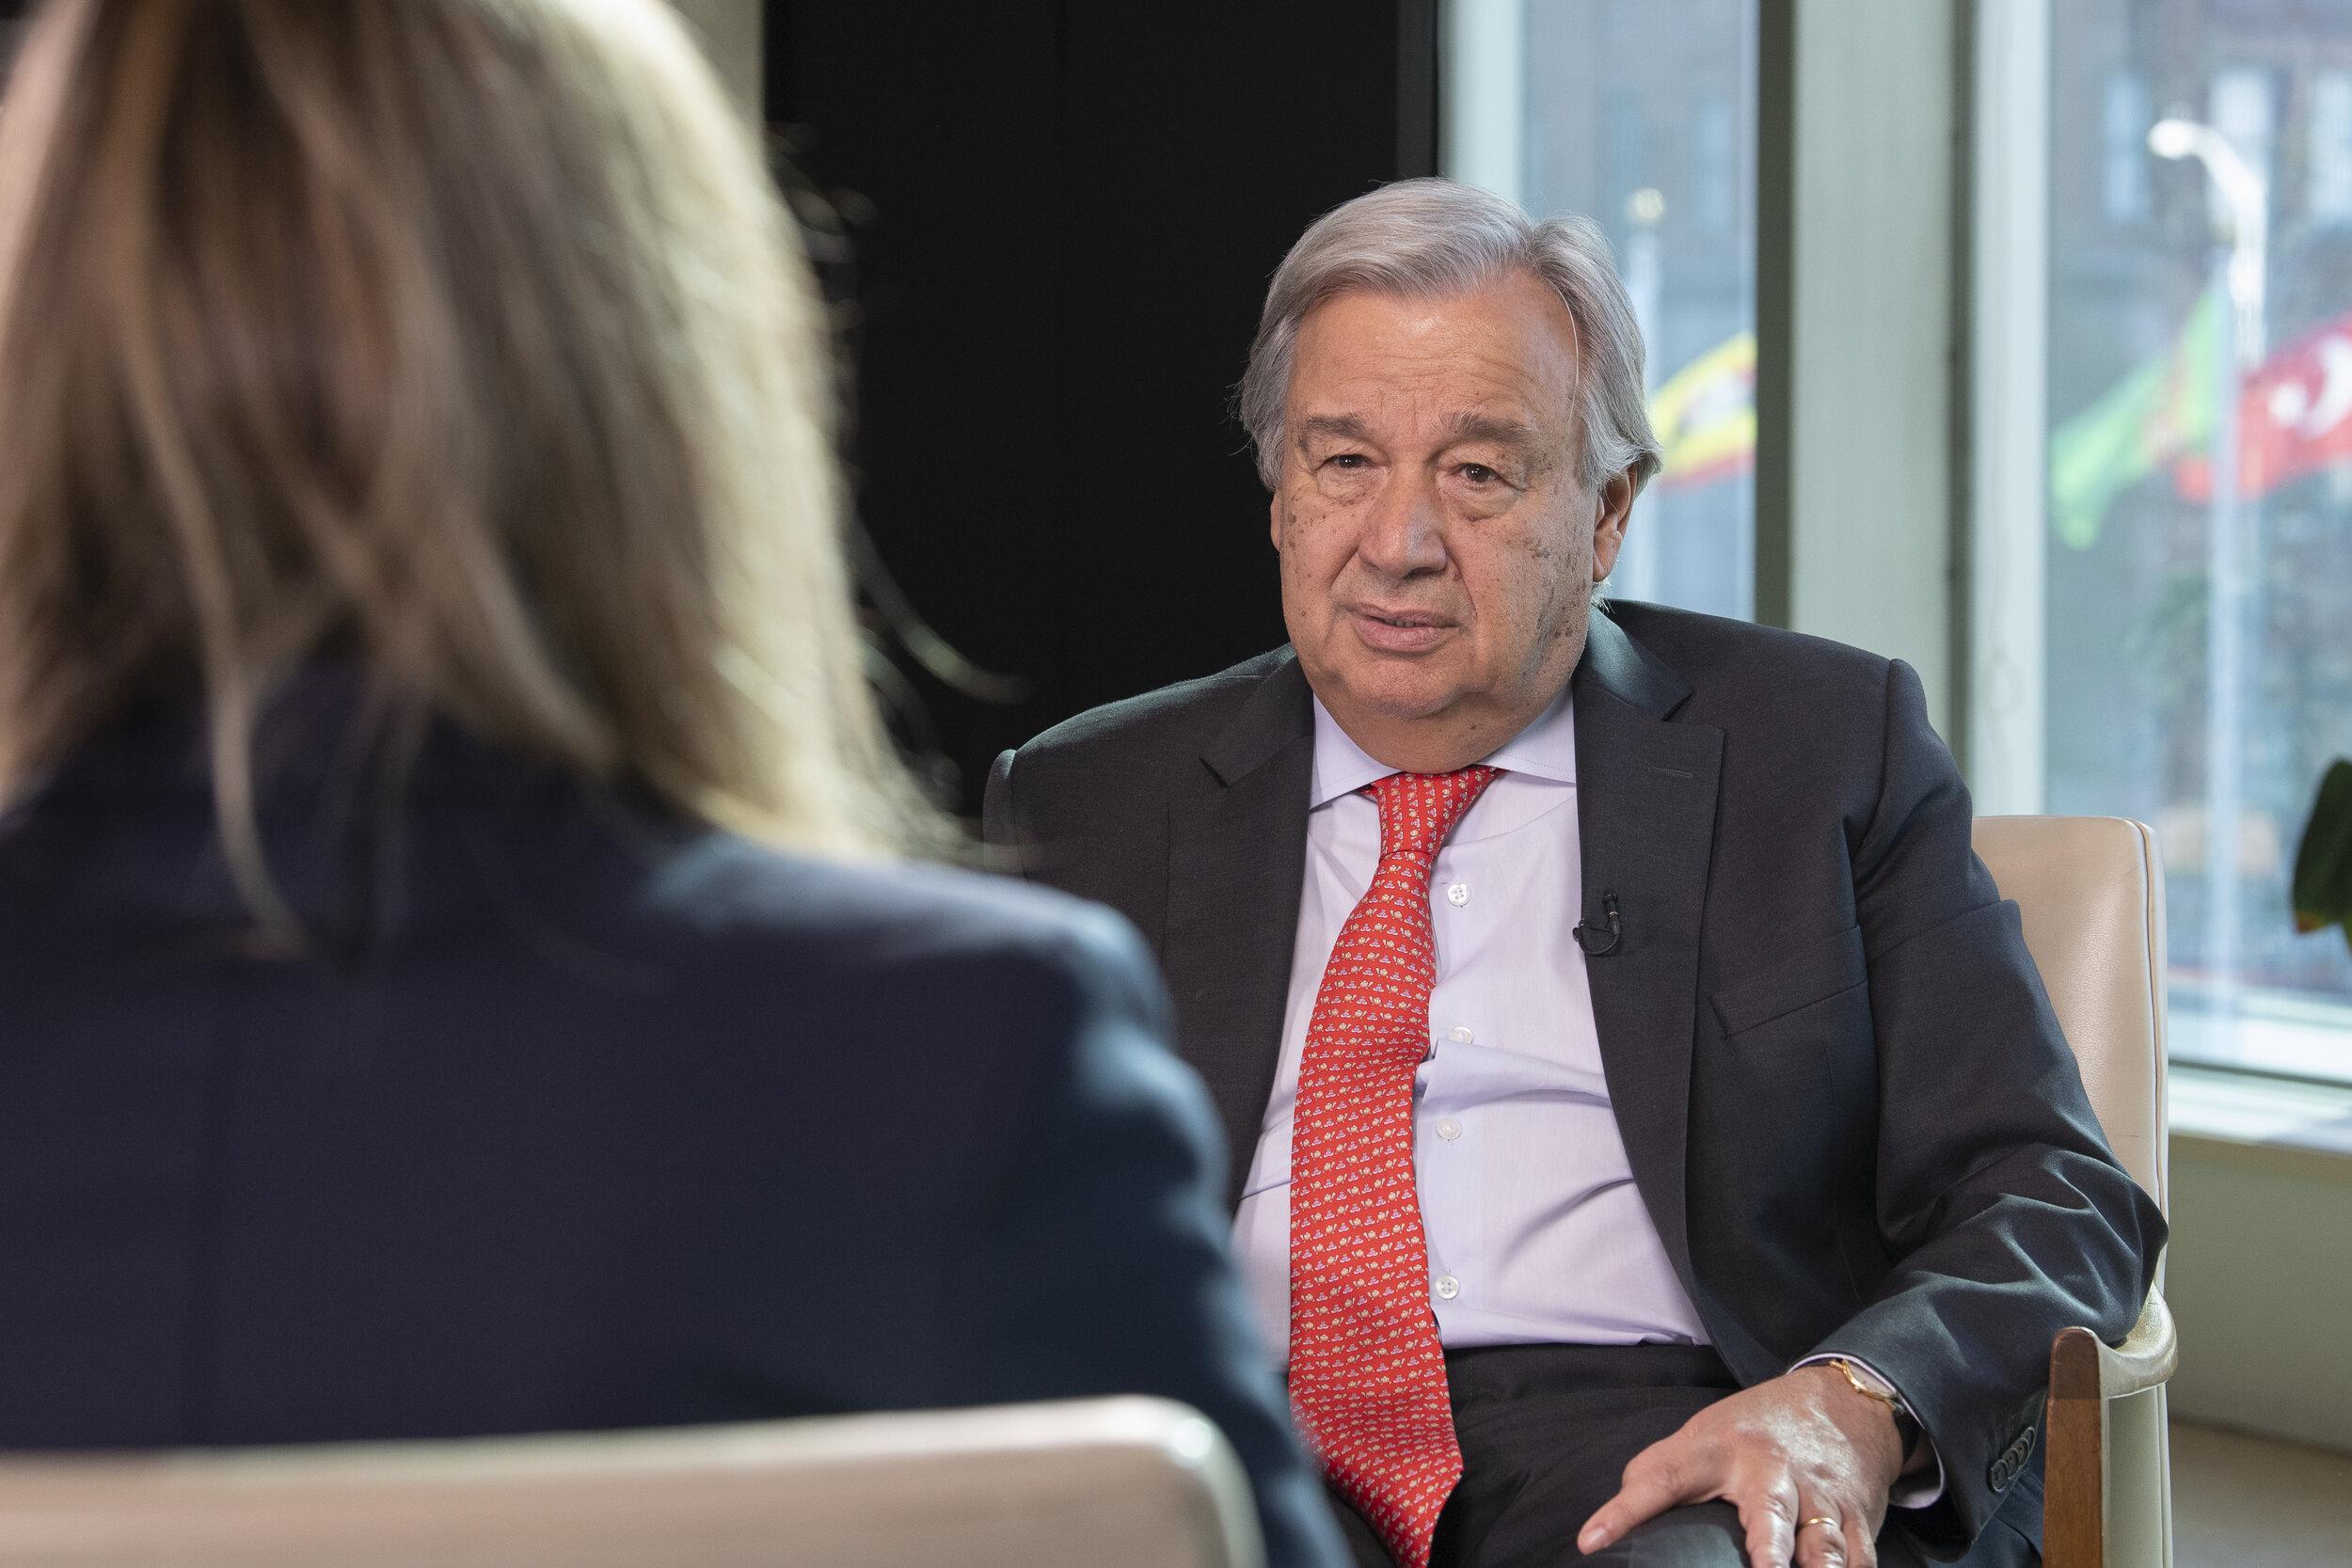 UN Secretary General Antonio Guterres. Photo credit: Covering Climate Now